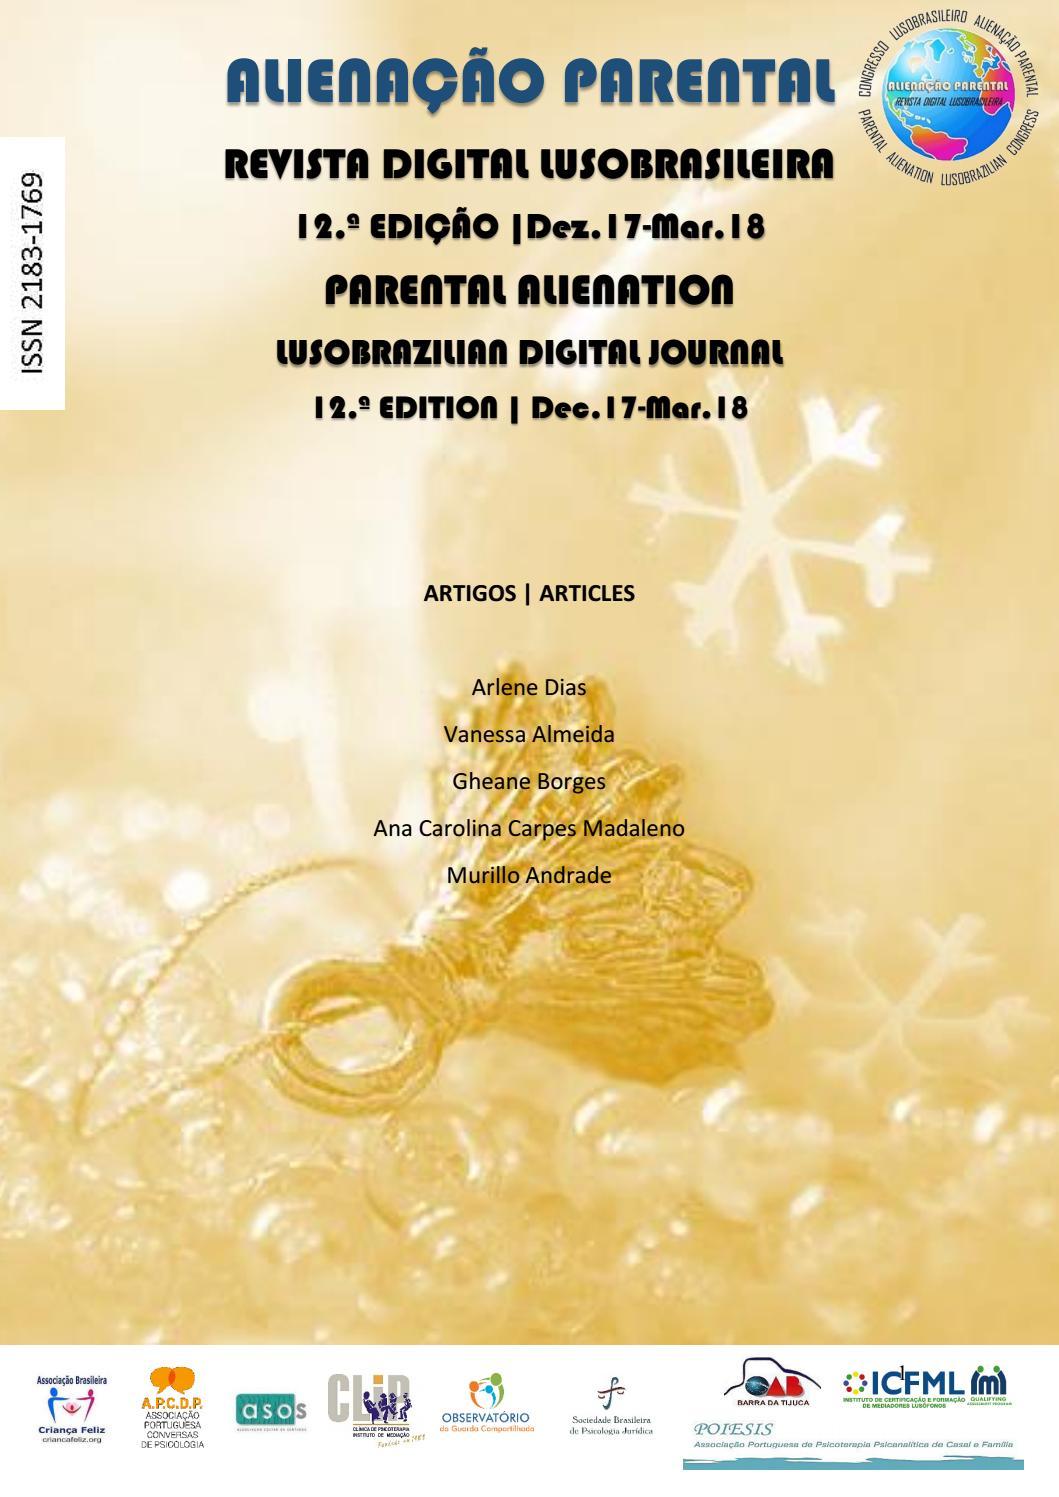 Revista alienao parental parental alienation journal by sandra revista alienao parental parental alienation journal by sandra ins issuu fandeluxe Images